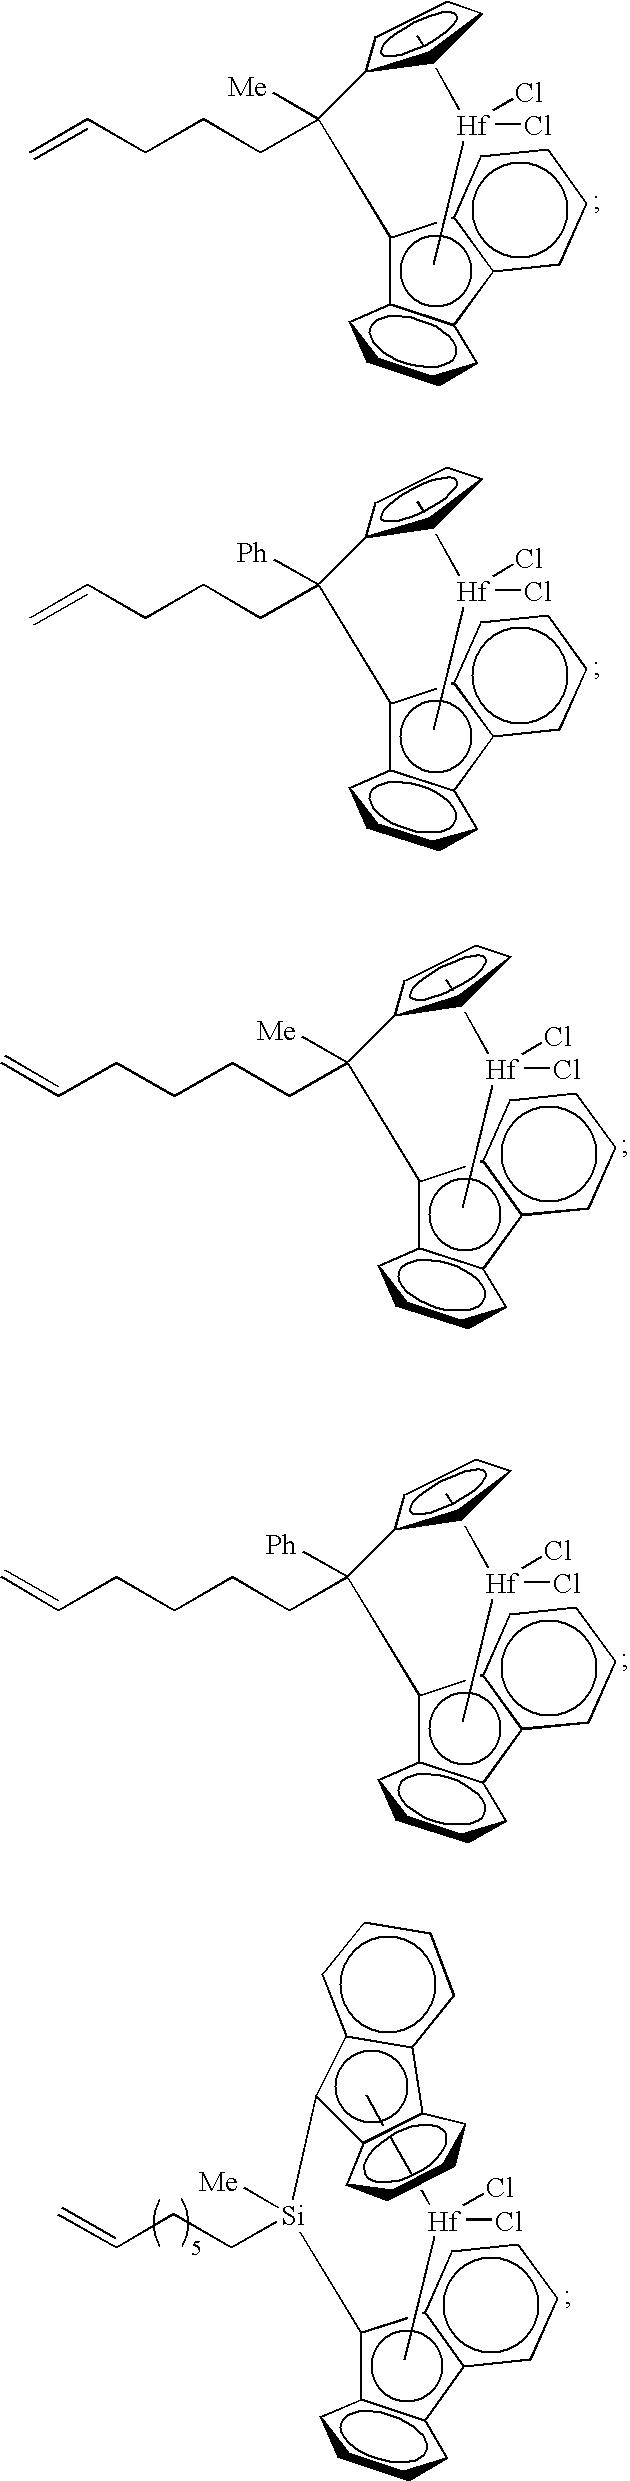 Figure US07226886-20070605-C00034